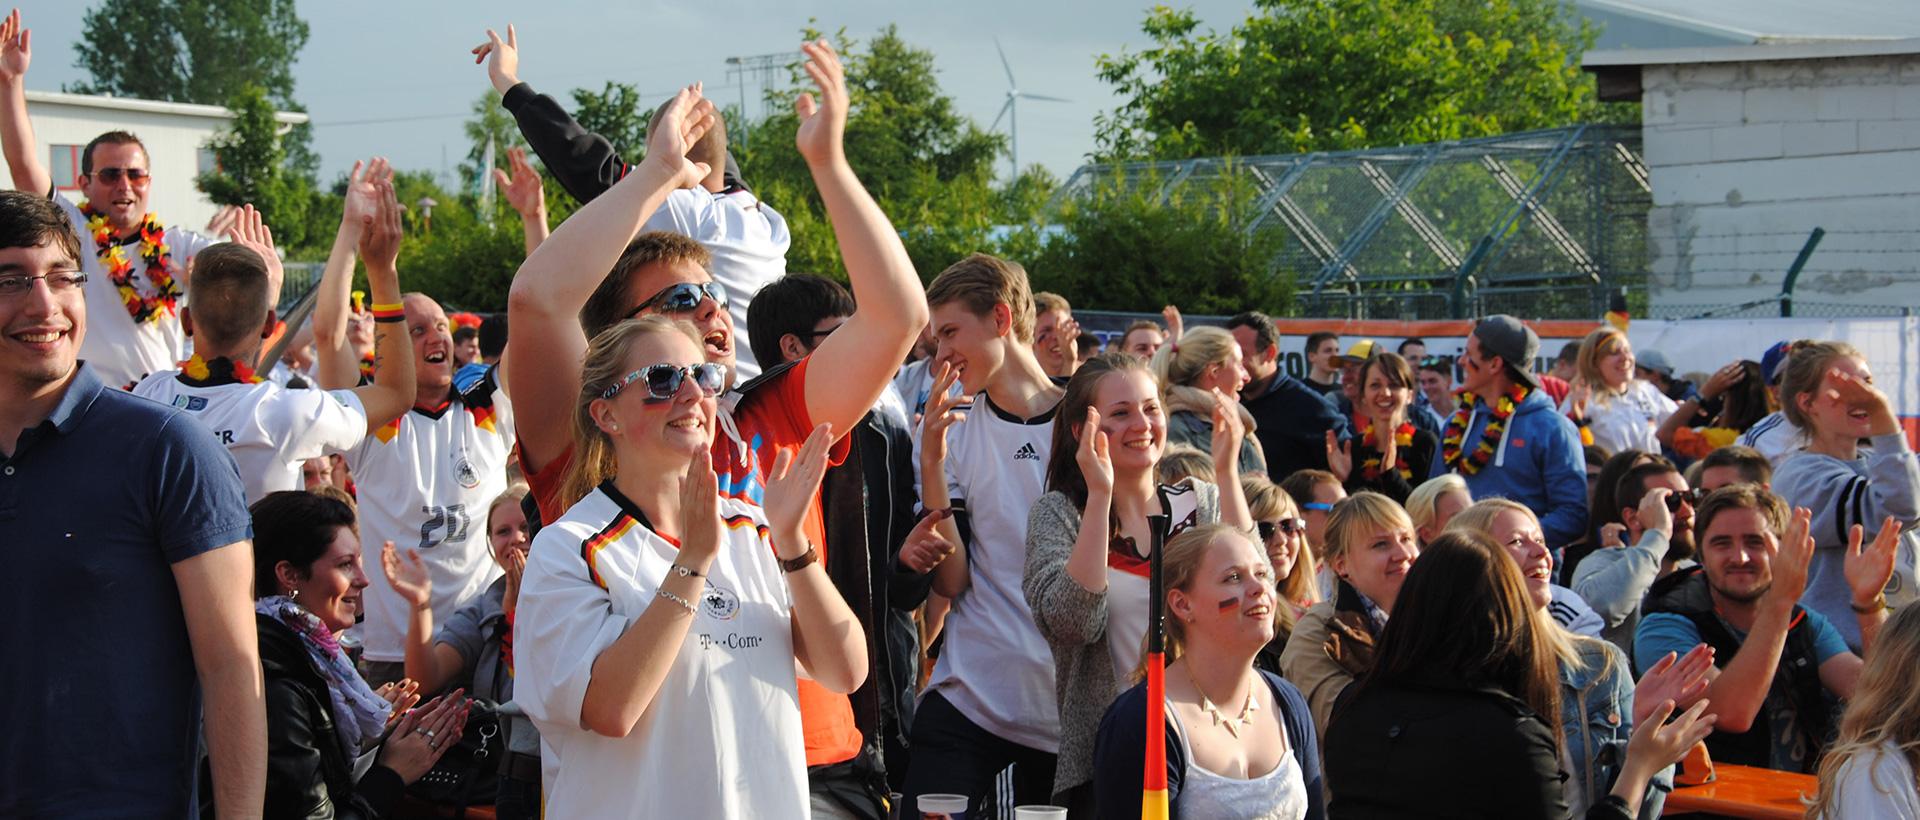 events rückblick WM-Arena 2014 fussball events in vorpommern